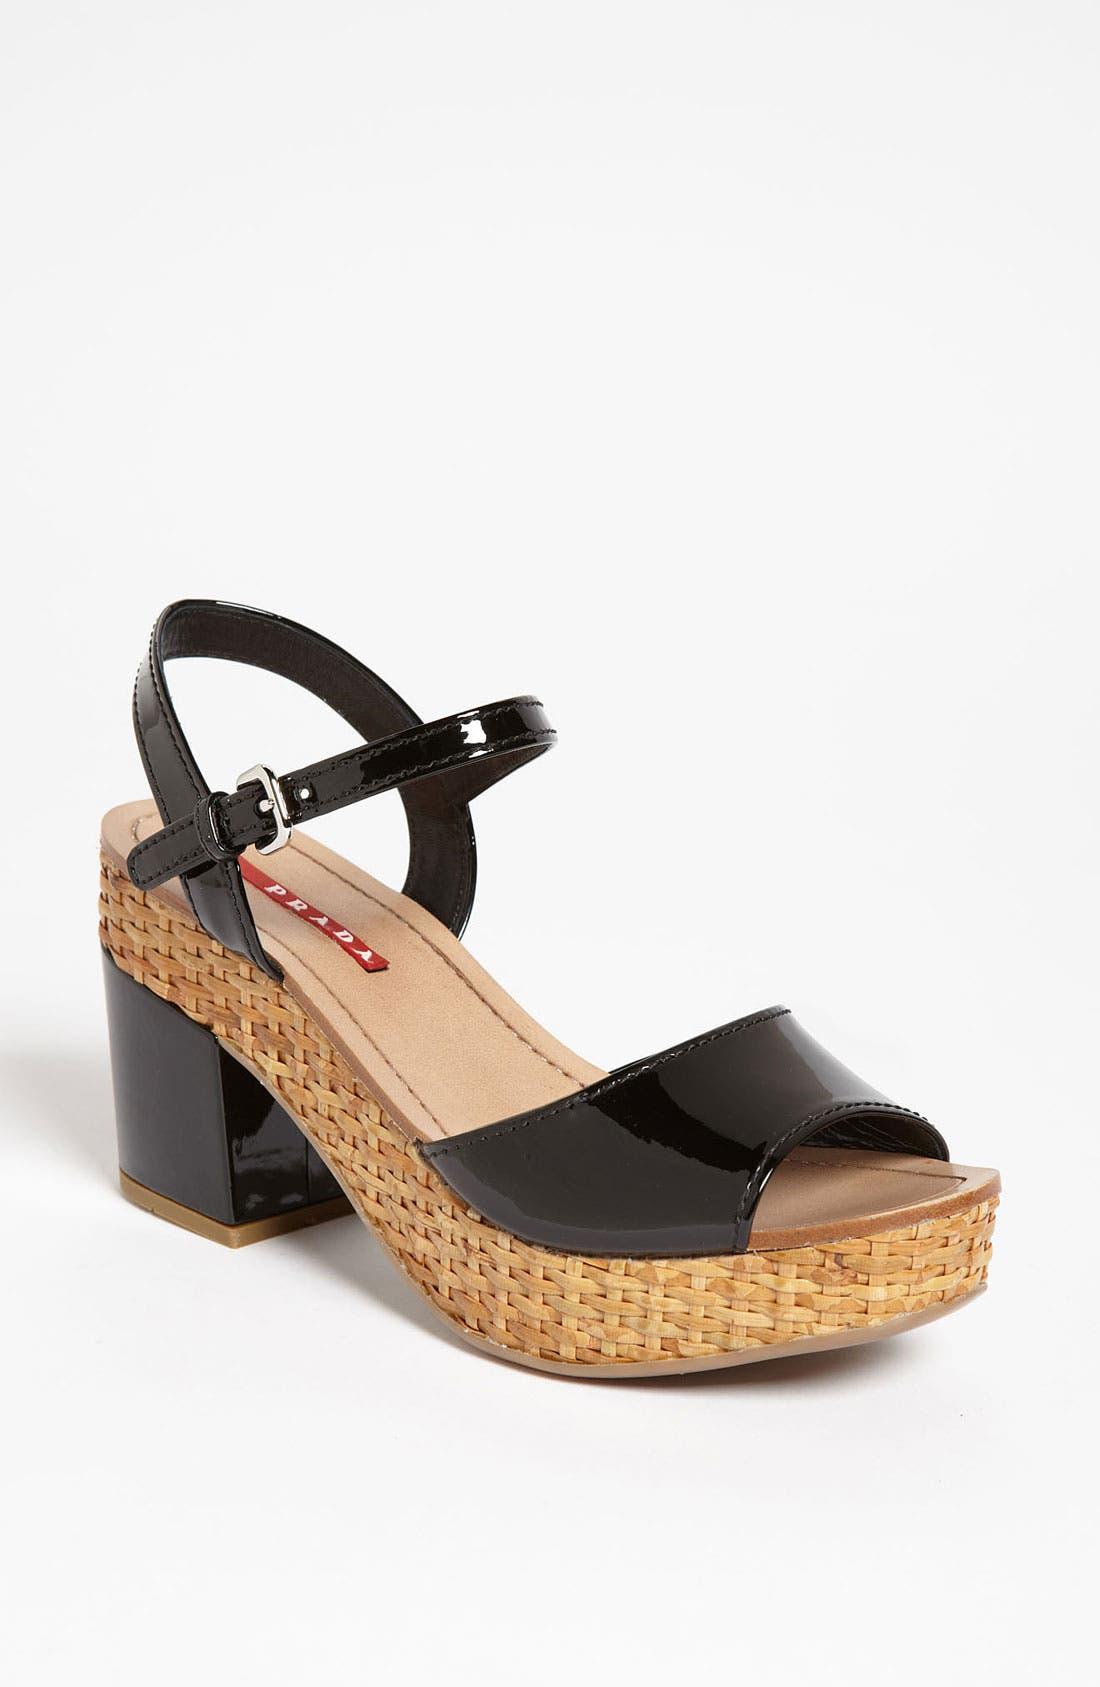 Alternate Image 1 Selected - Prada Block Heel Sandal